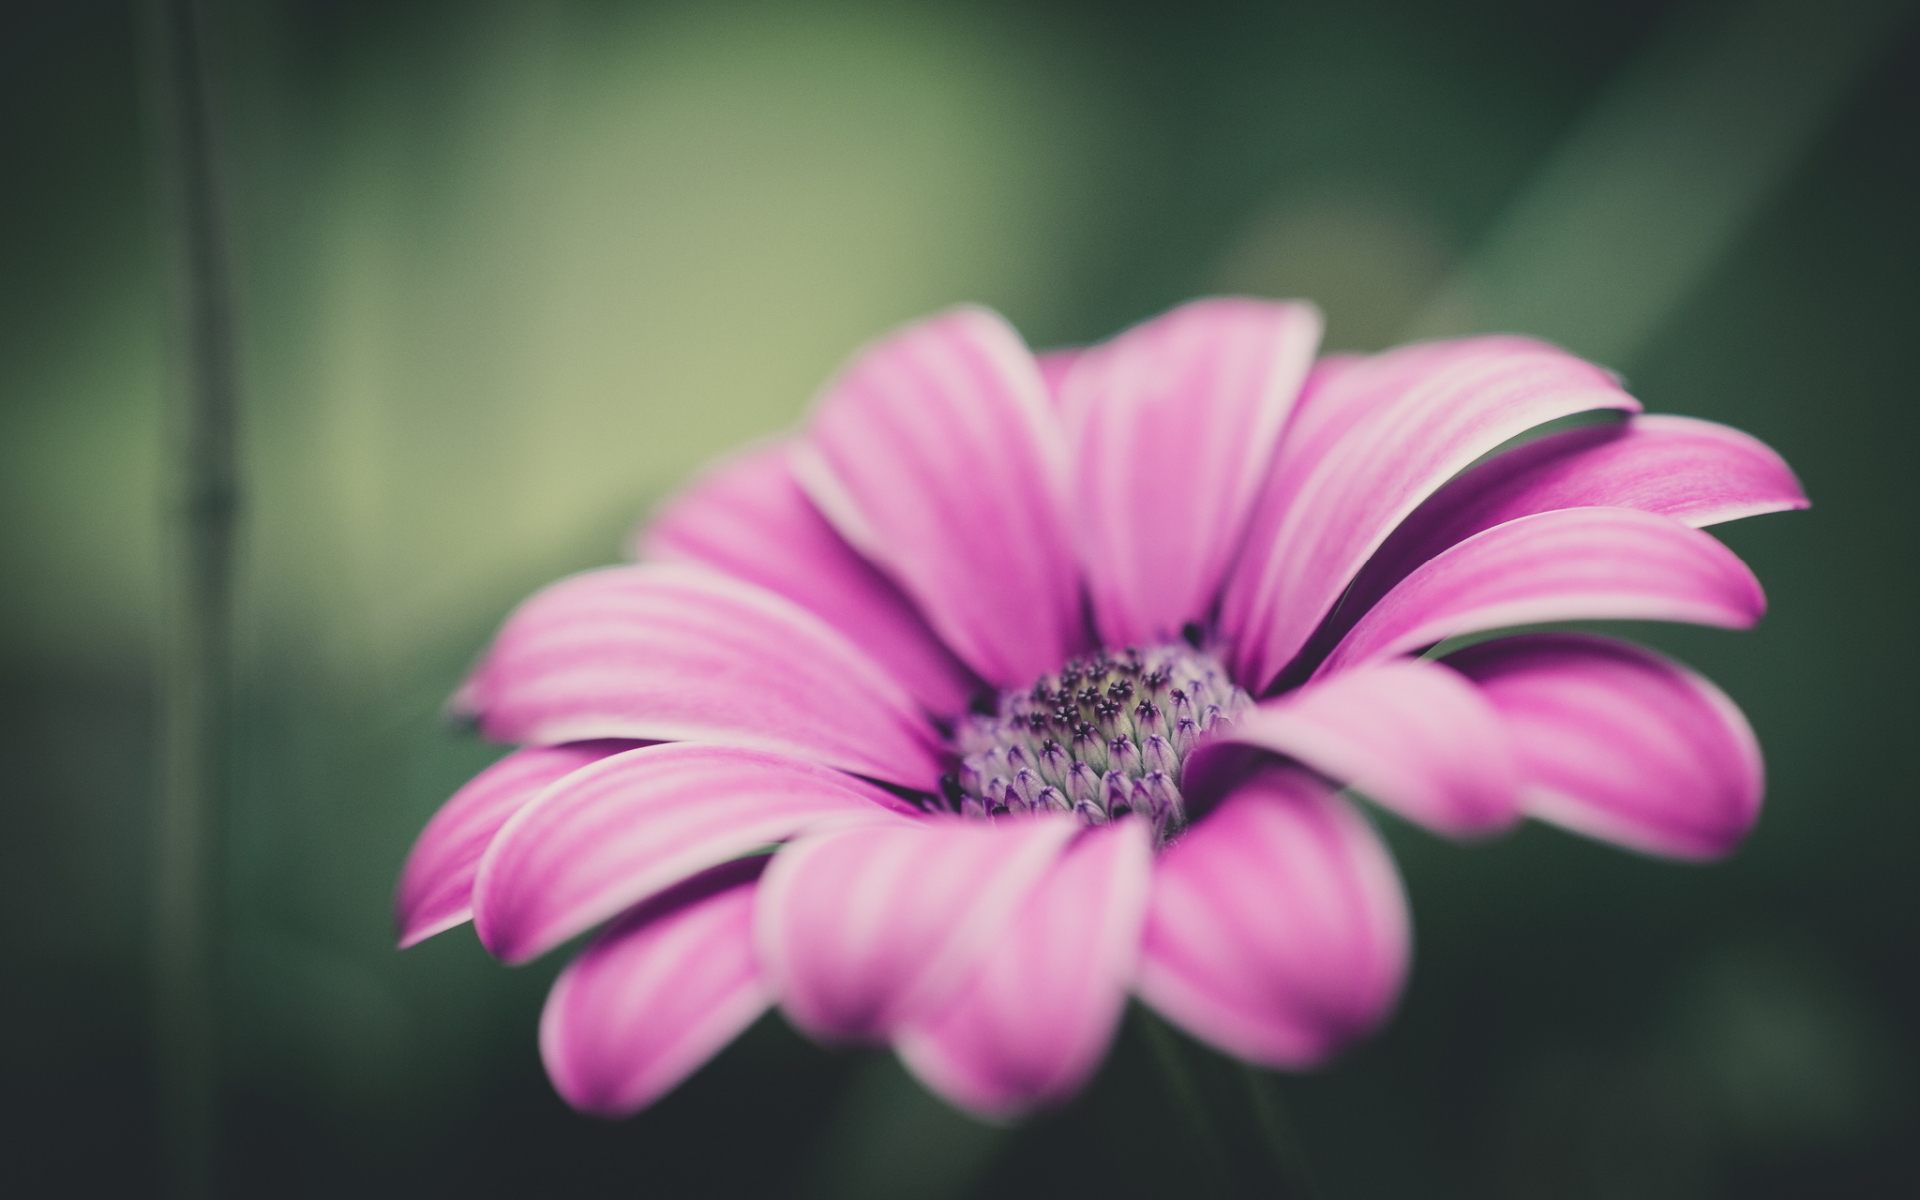 Best Pink Flower